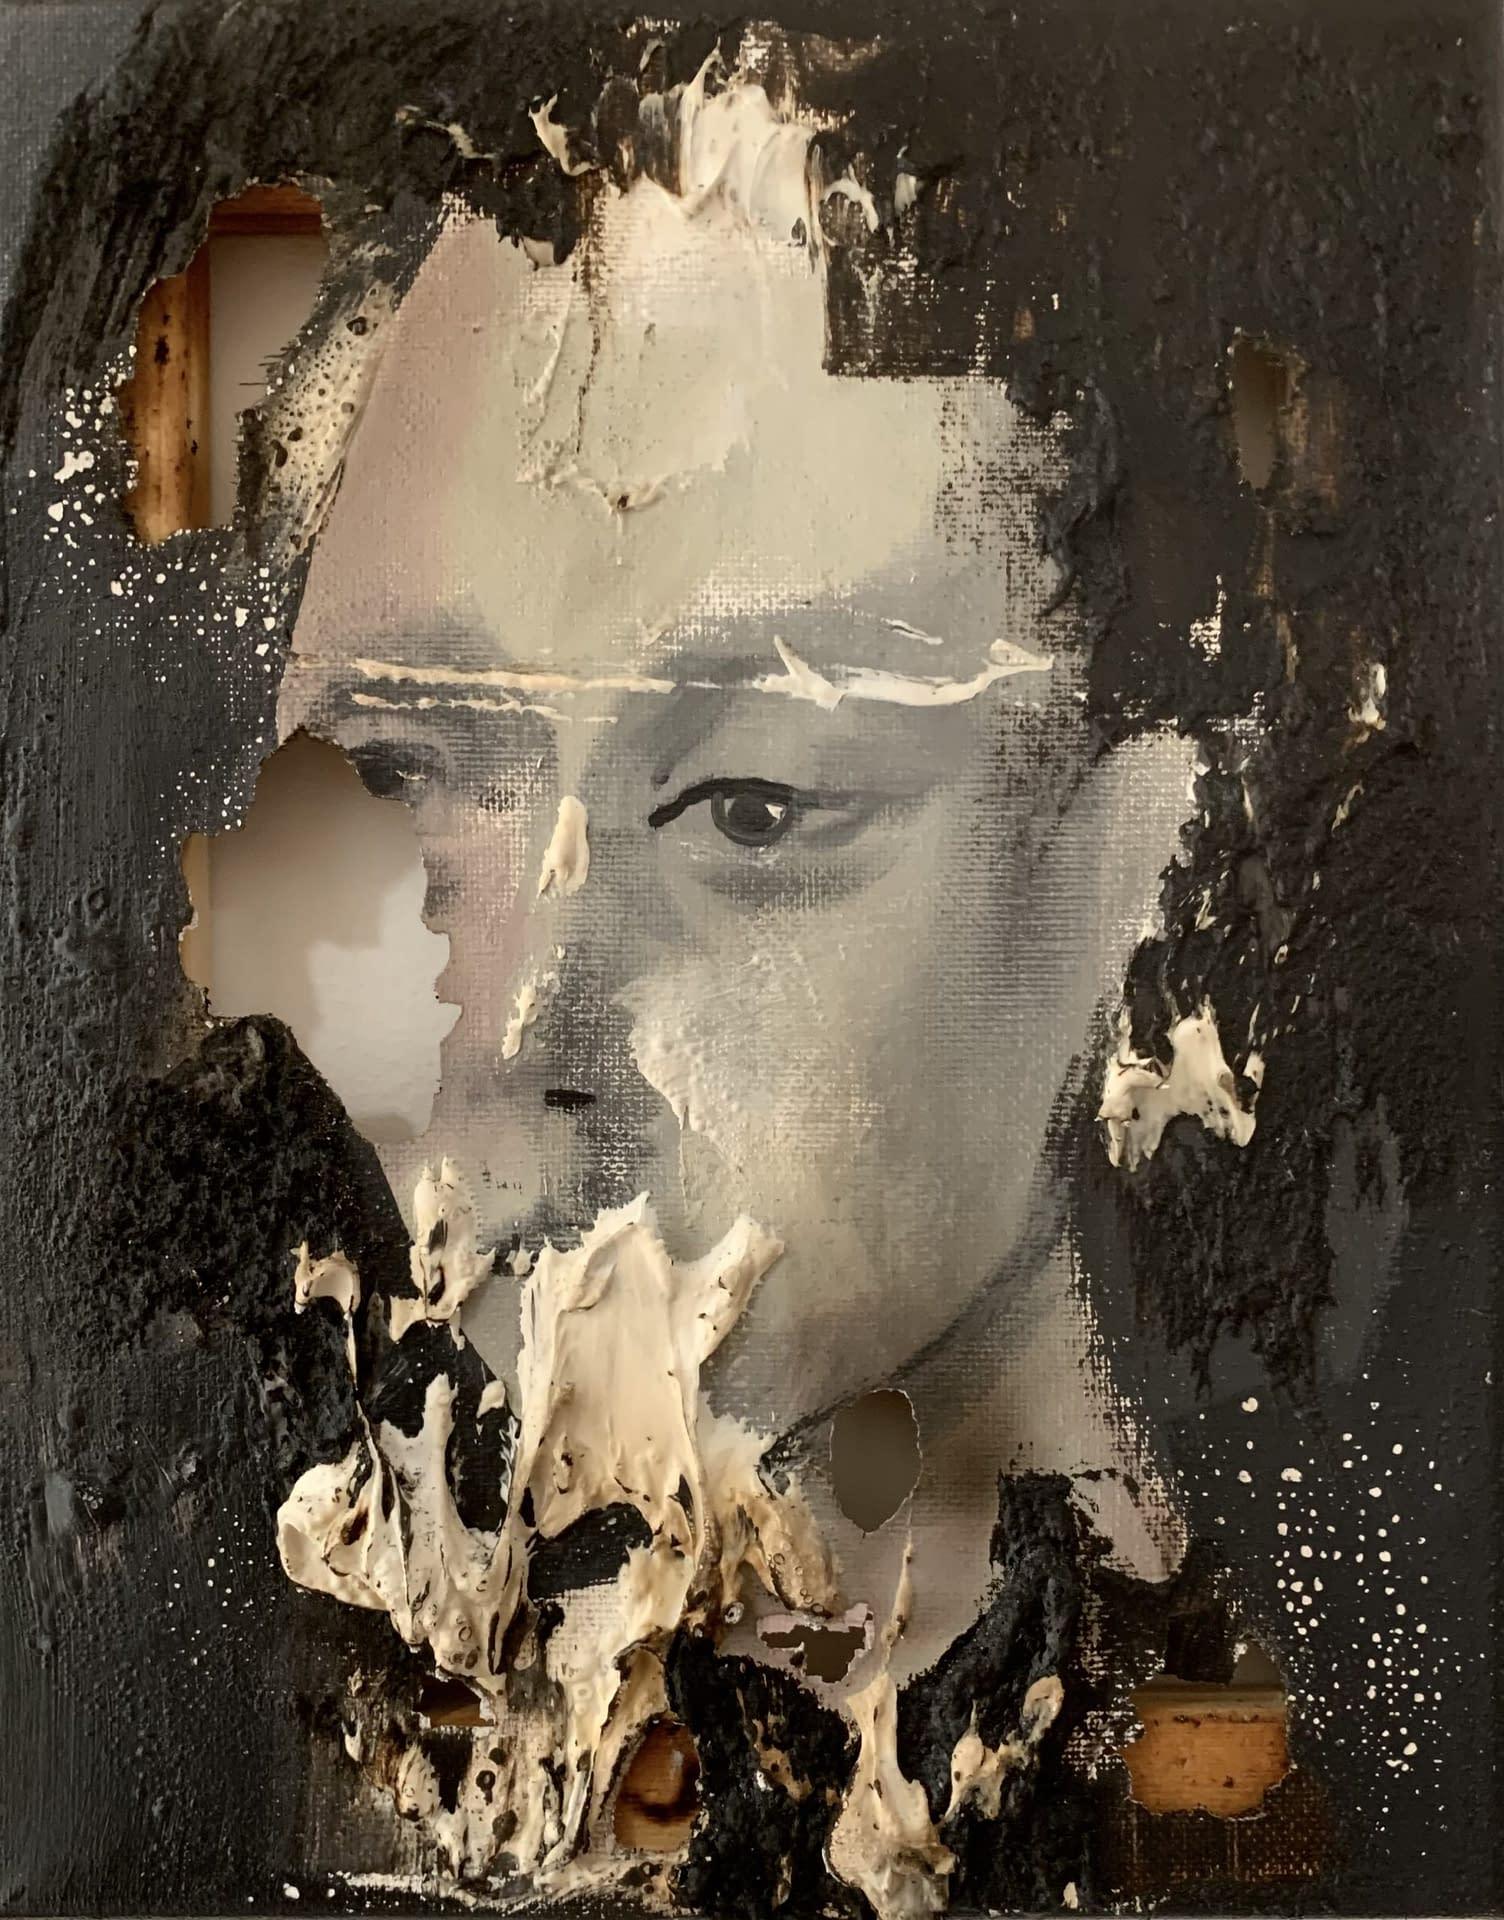 In_time_Martin_Adalian_acrylic_oil_tar_on_canvas_10_x_8